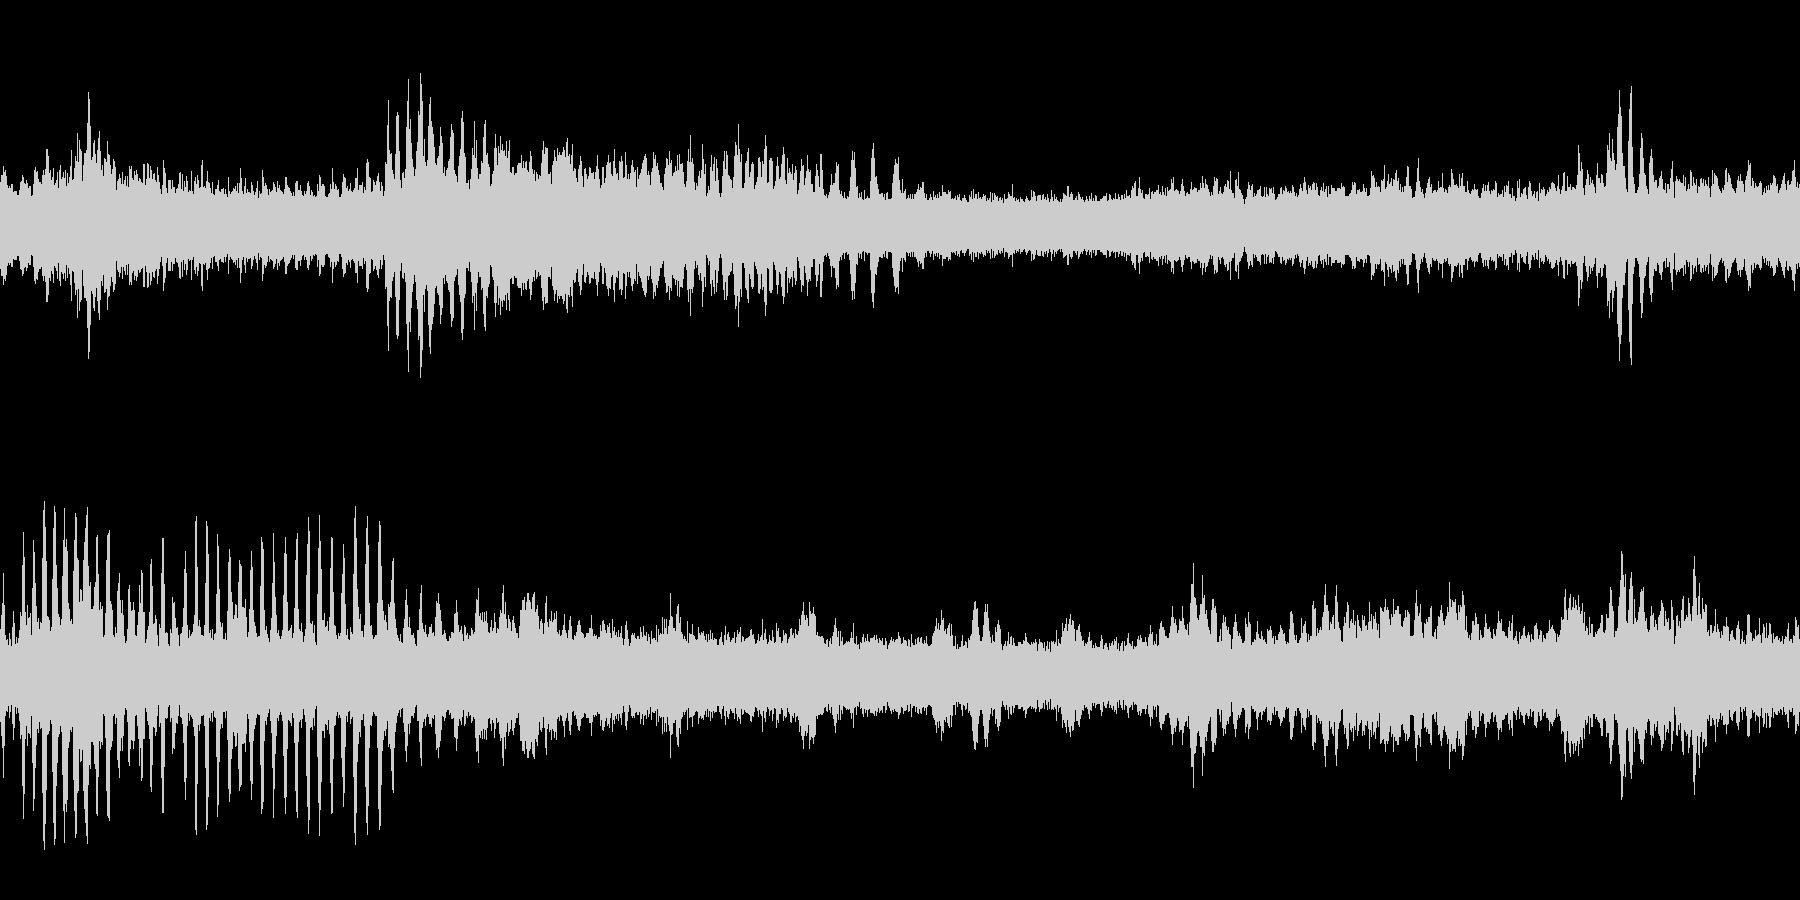 ヒグラシ・蝉の鳴き声(ループ)の未再生の波形